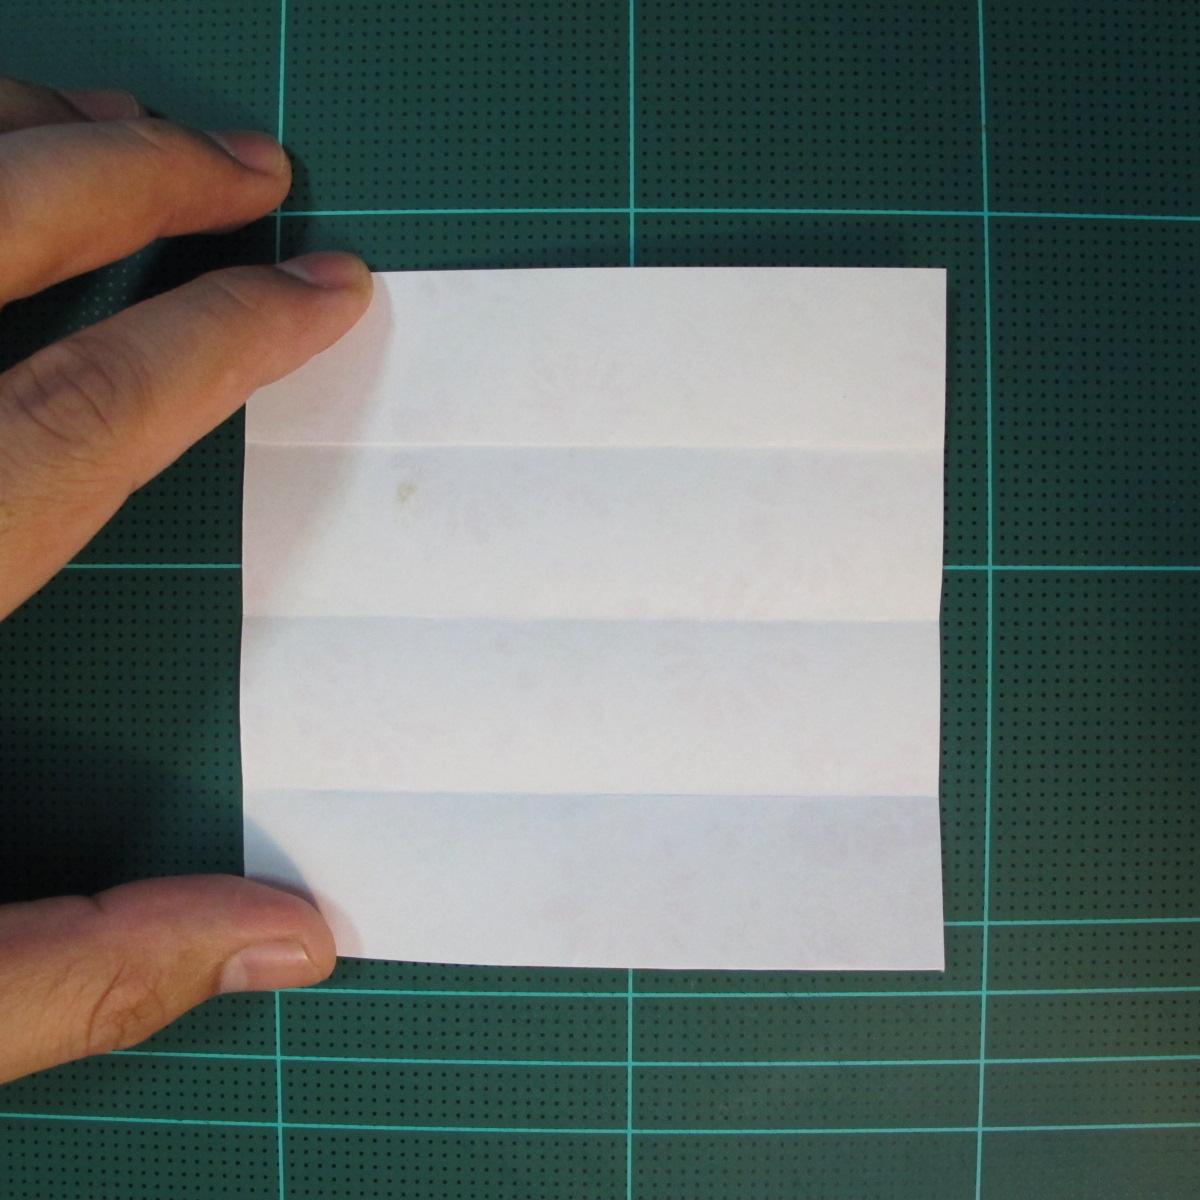 การพับกระดาษเป็นรูปเรขาคณิตทรงลูกบาศก์แบบแยกชิ้นประกอบ (Modular Origami Cube) 005